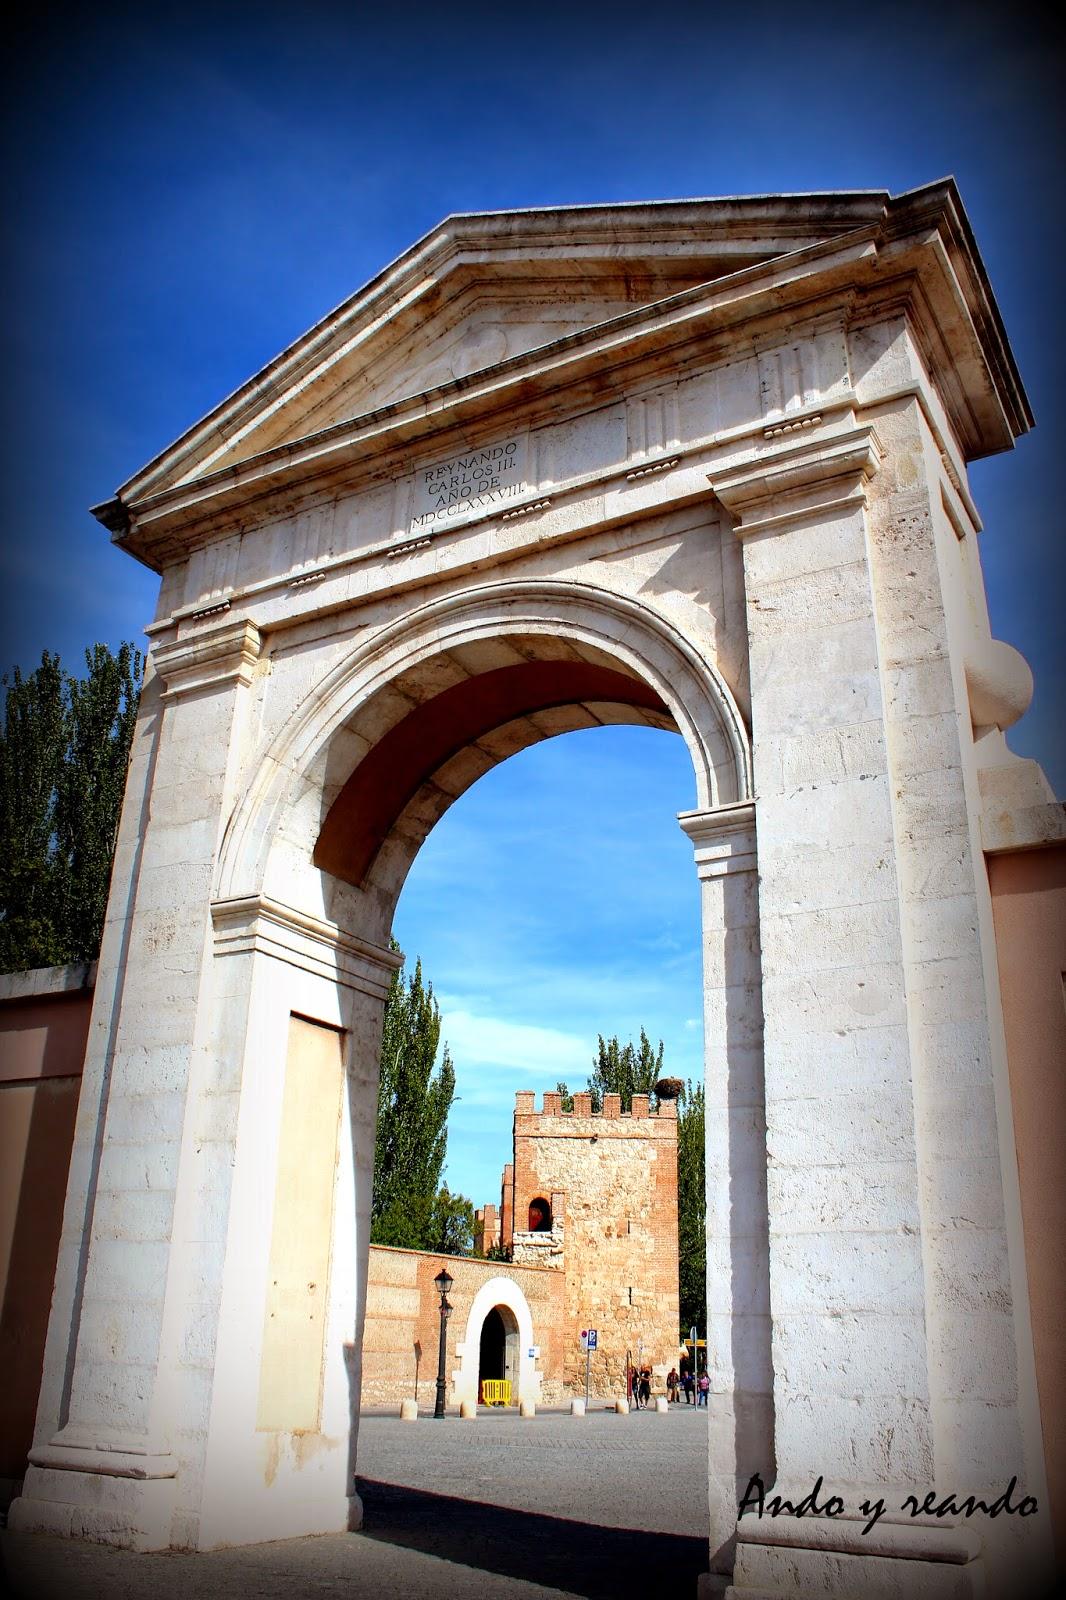 Puerta de Madrid. Alcalá de Henares